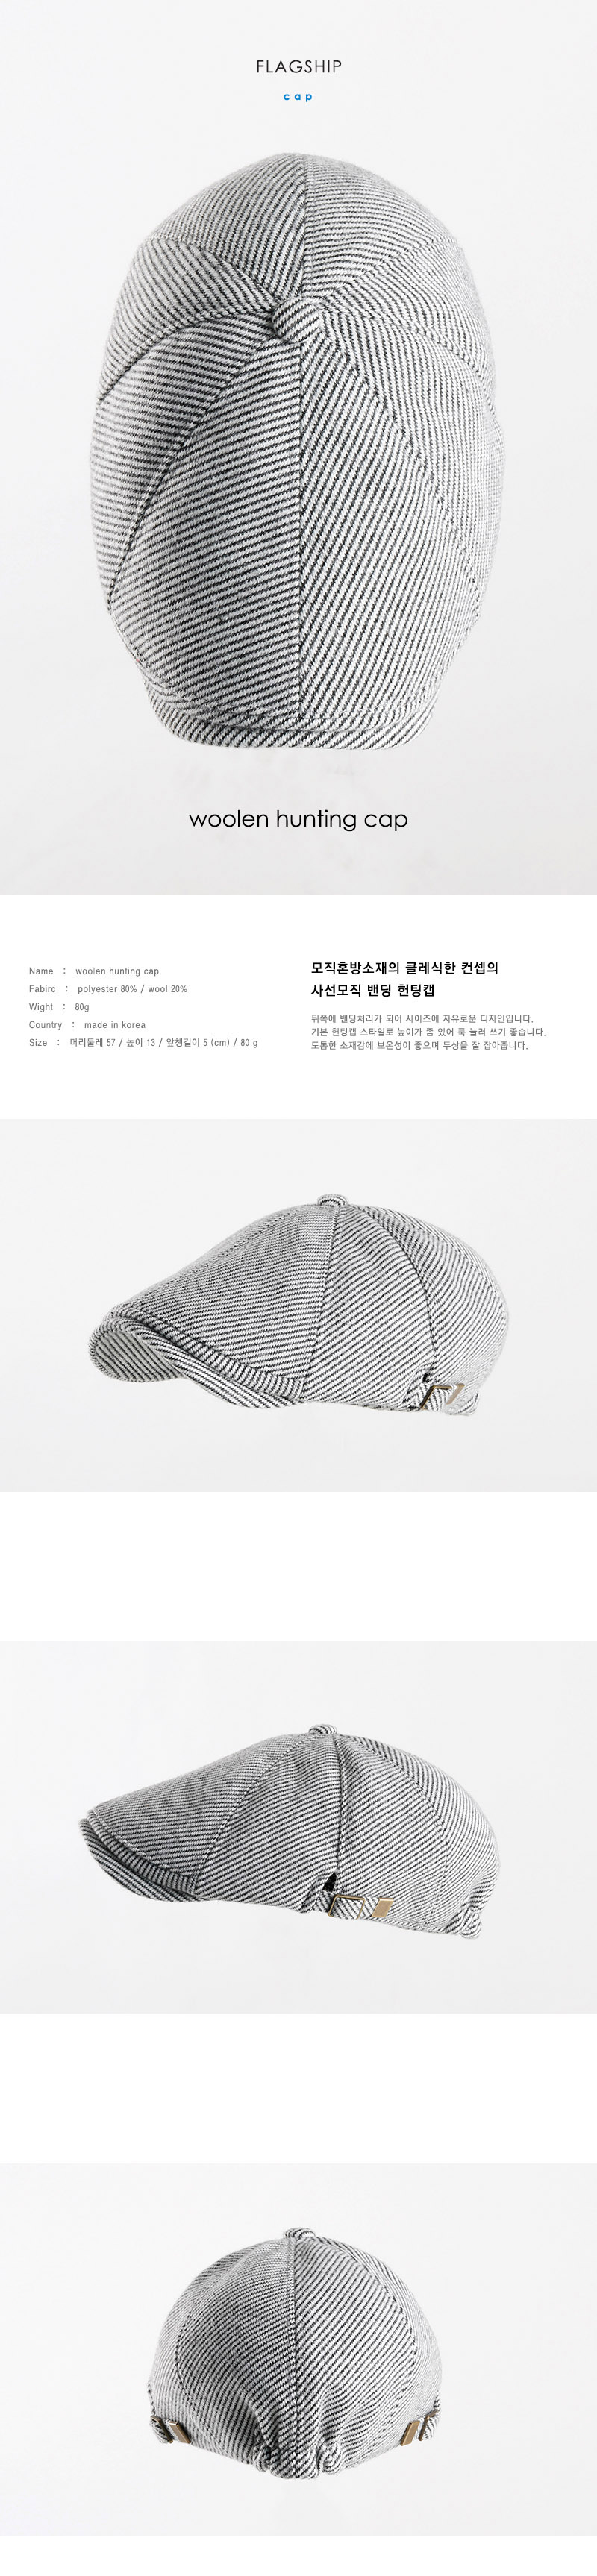 [플래그쉽] 사선모직 밴딩 헌팅캡 [5컬러] (FLAGSHIP woolen hunting cap)